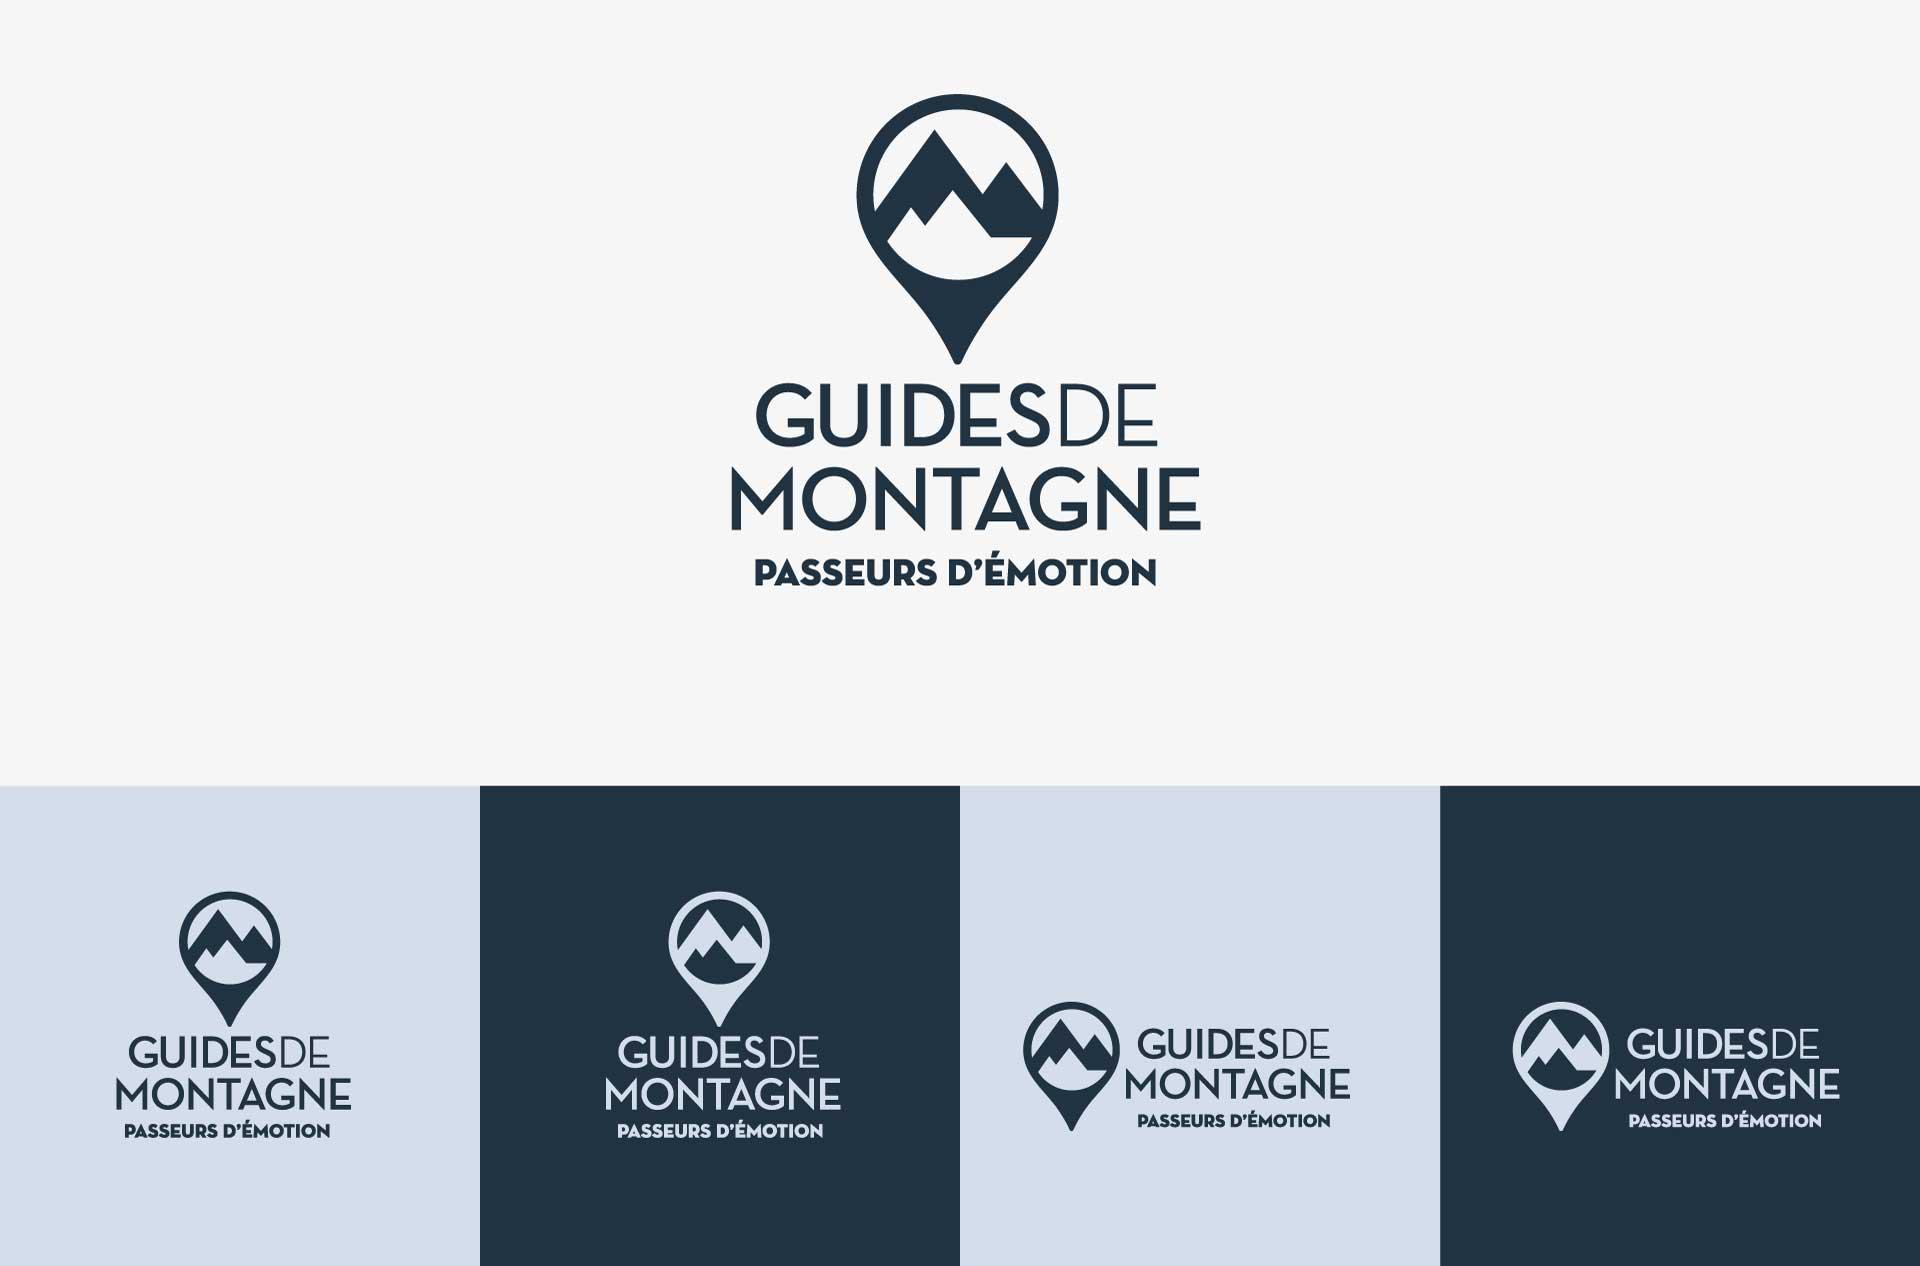 Création de logo de marque nationale